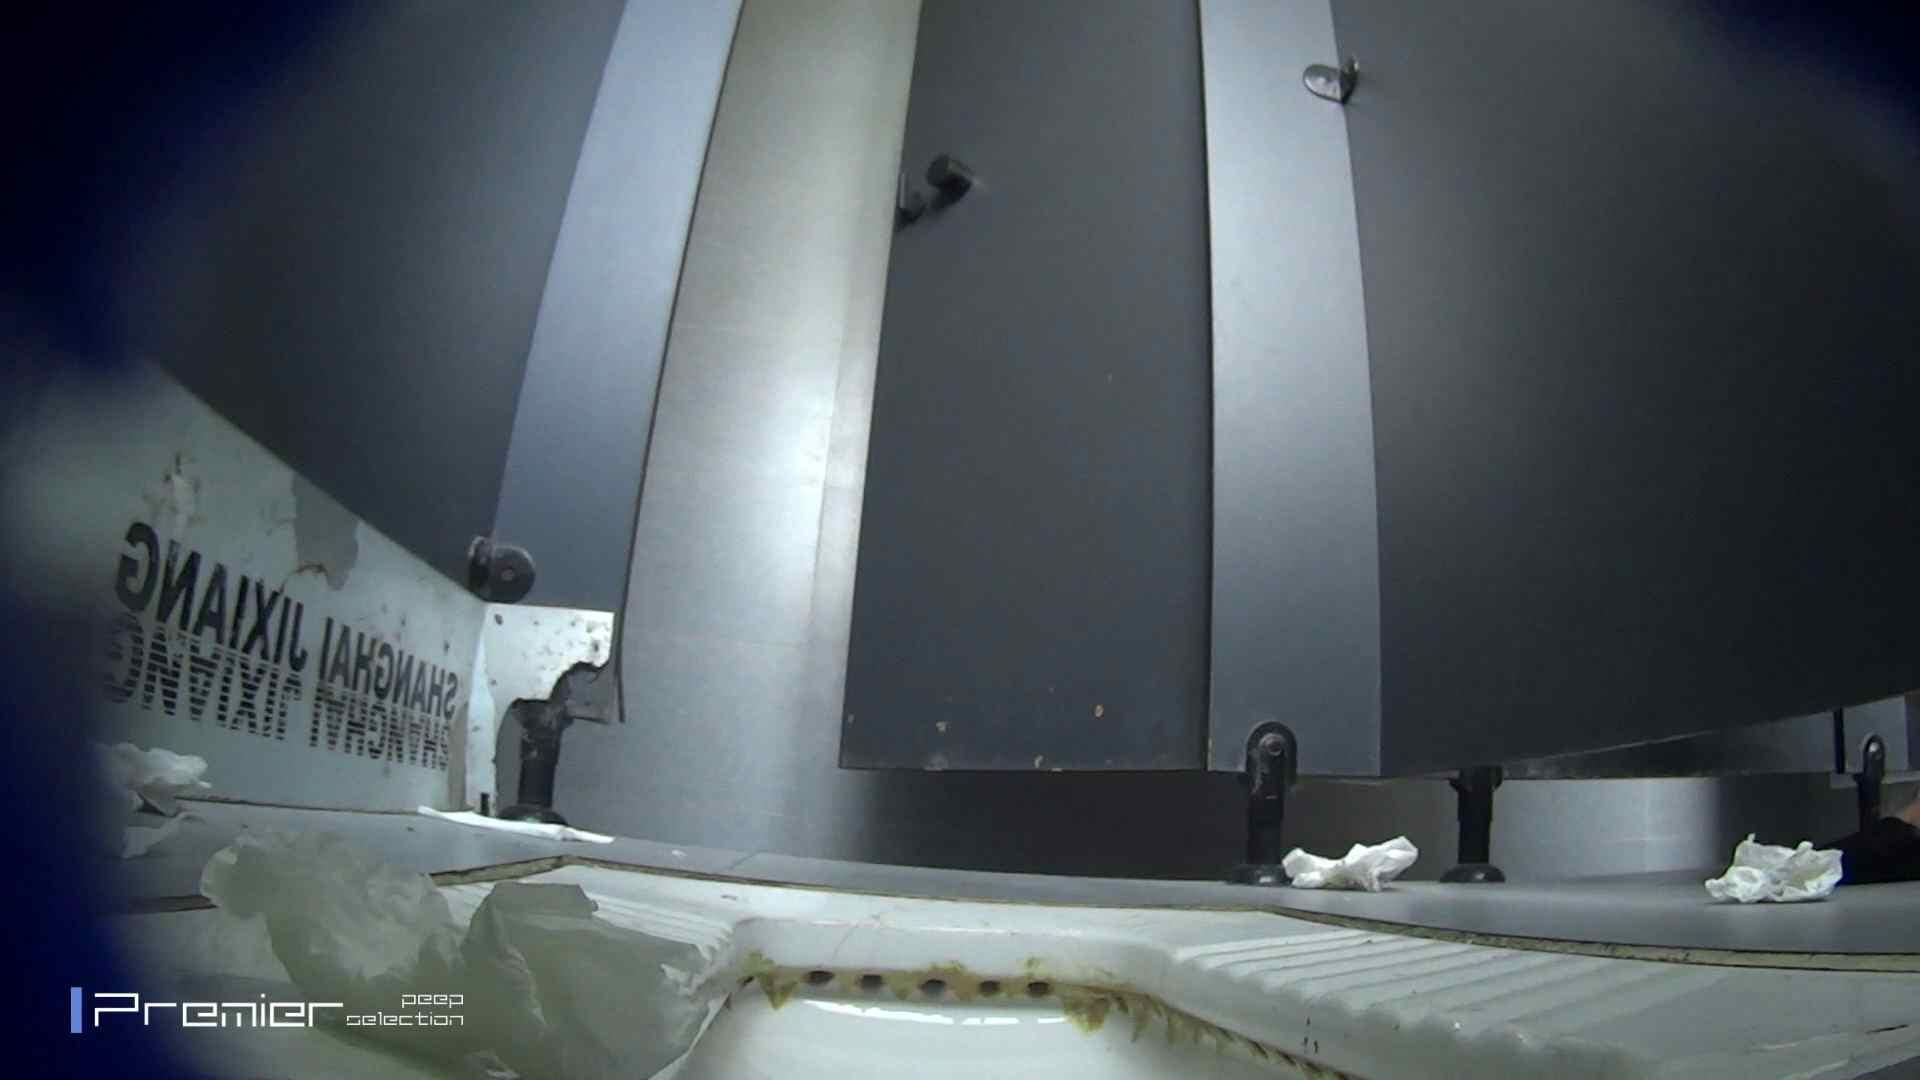 聖水ダラダラ色美女の洗面所 大学休憩時間の洗面所事情55 ギャルズ エロ無料画像 107画像 46